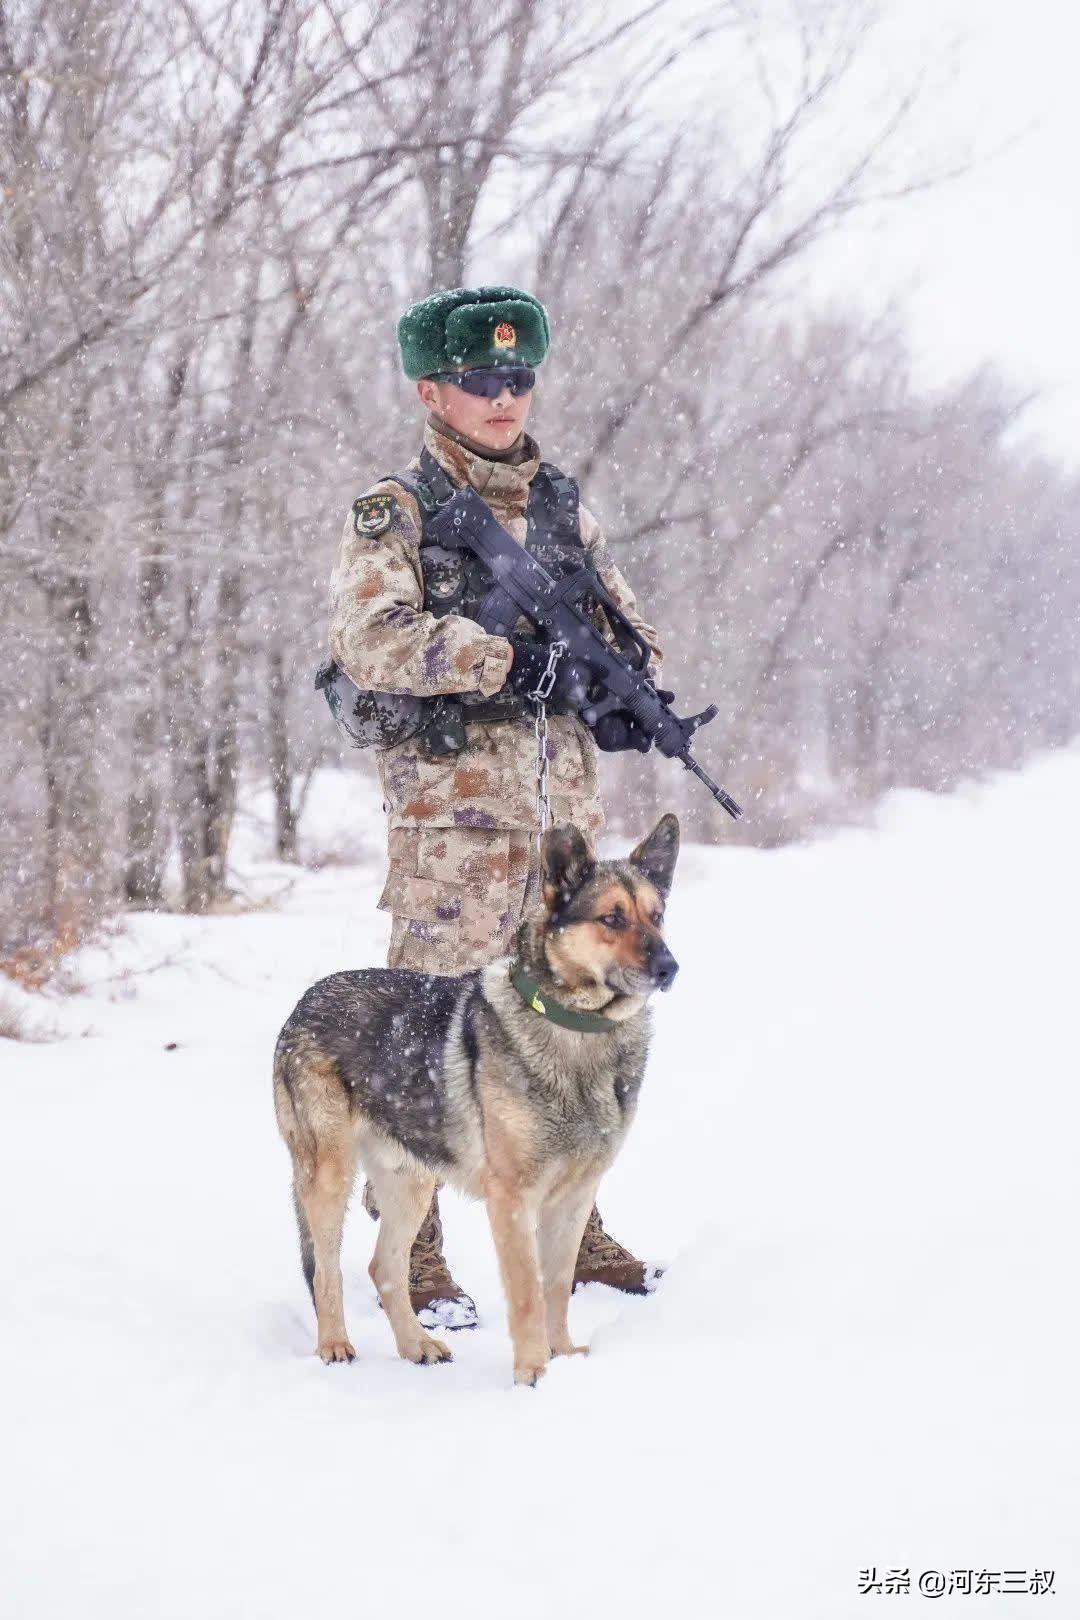 中印边境冲突,表现神勇的军犬叫毛毛,曾被印军石头砸伤